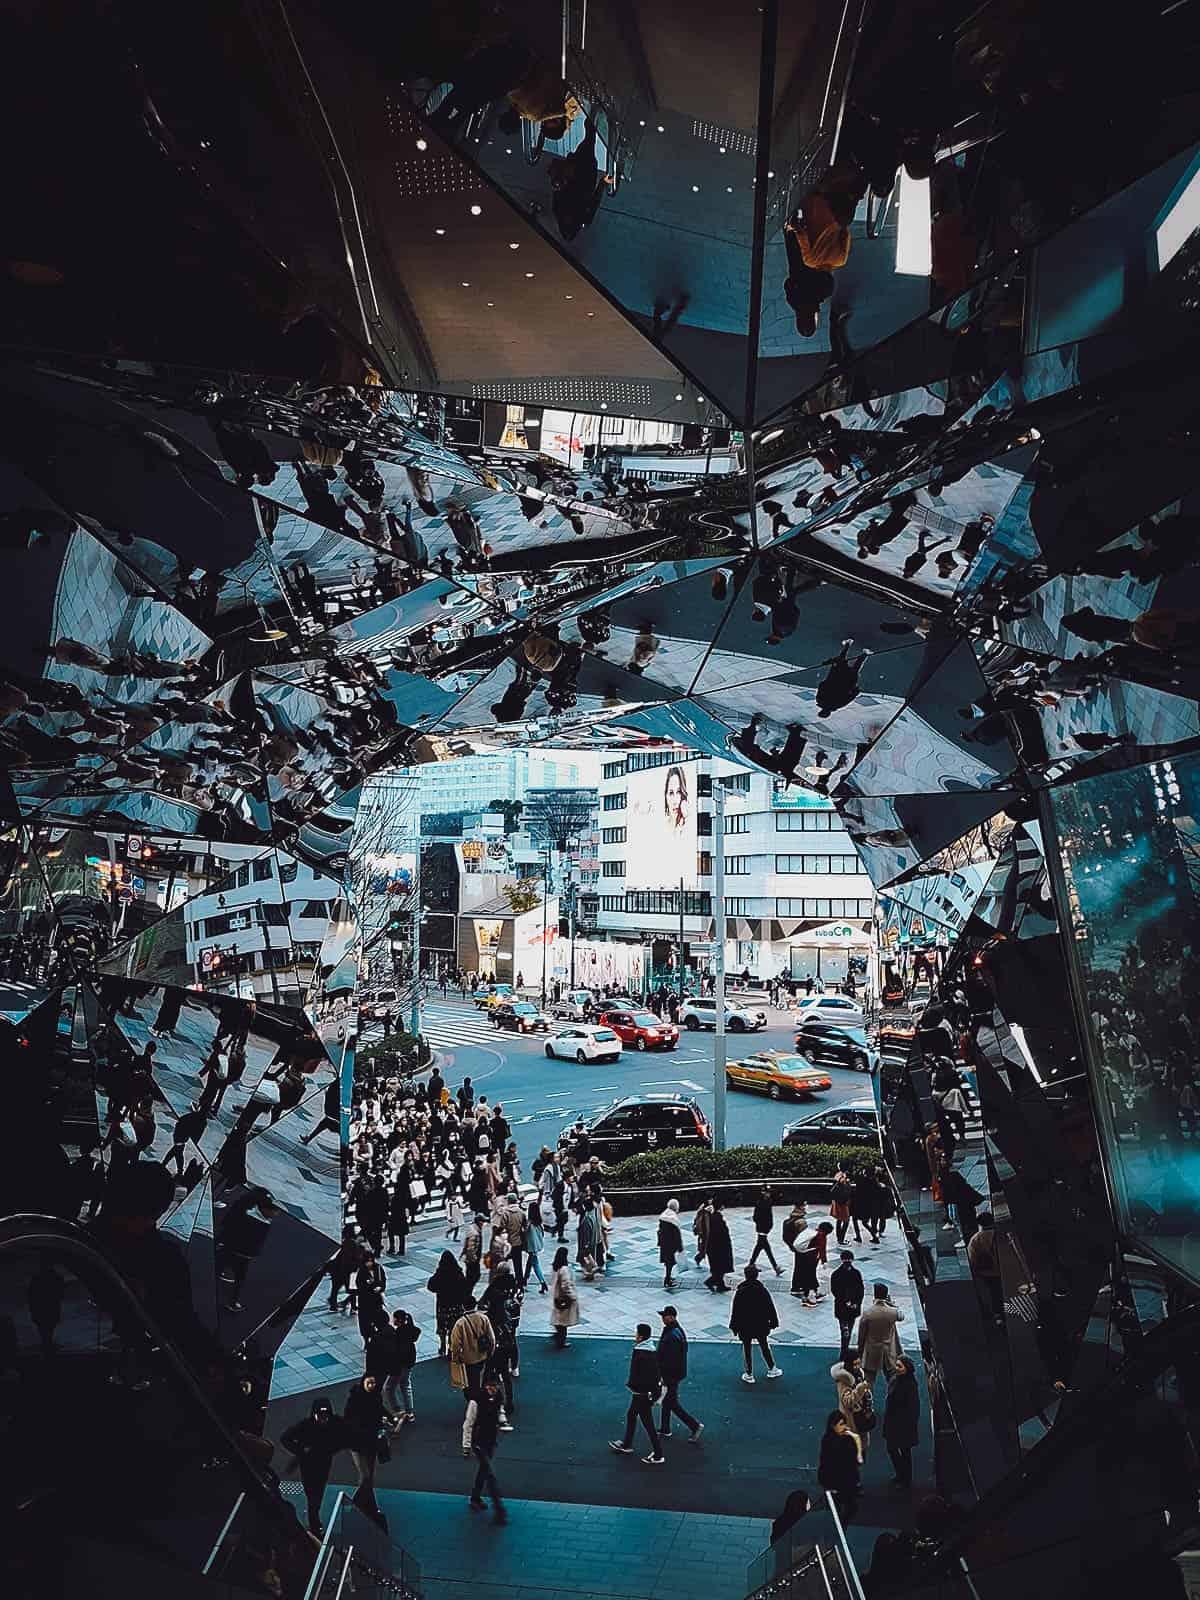 Tokyu Plaza